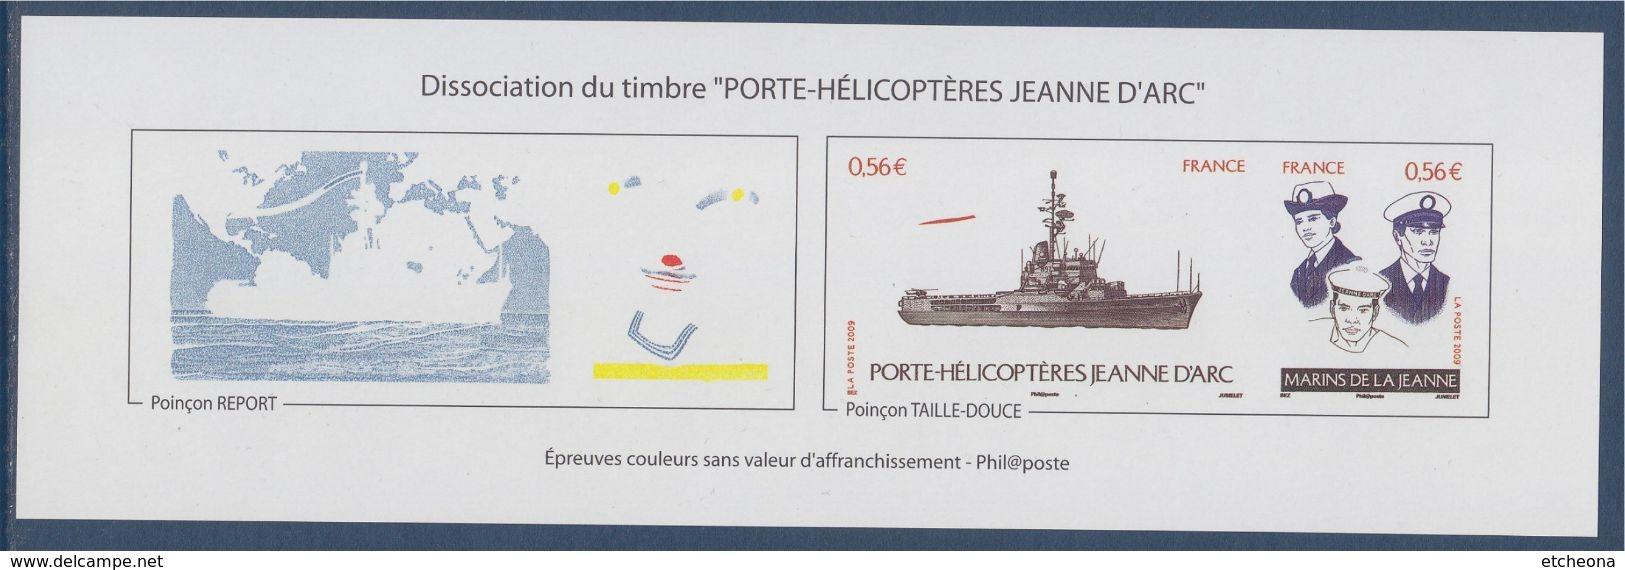 Navire Porte Hélicoptères Jeanne D'Arc Epreuves Couleurs, Poinçon Report & Poinçon Taille Douce, 4423 4424 Neuf Gommé - Blocs & Feuillets